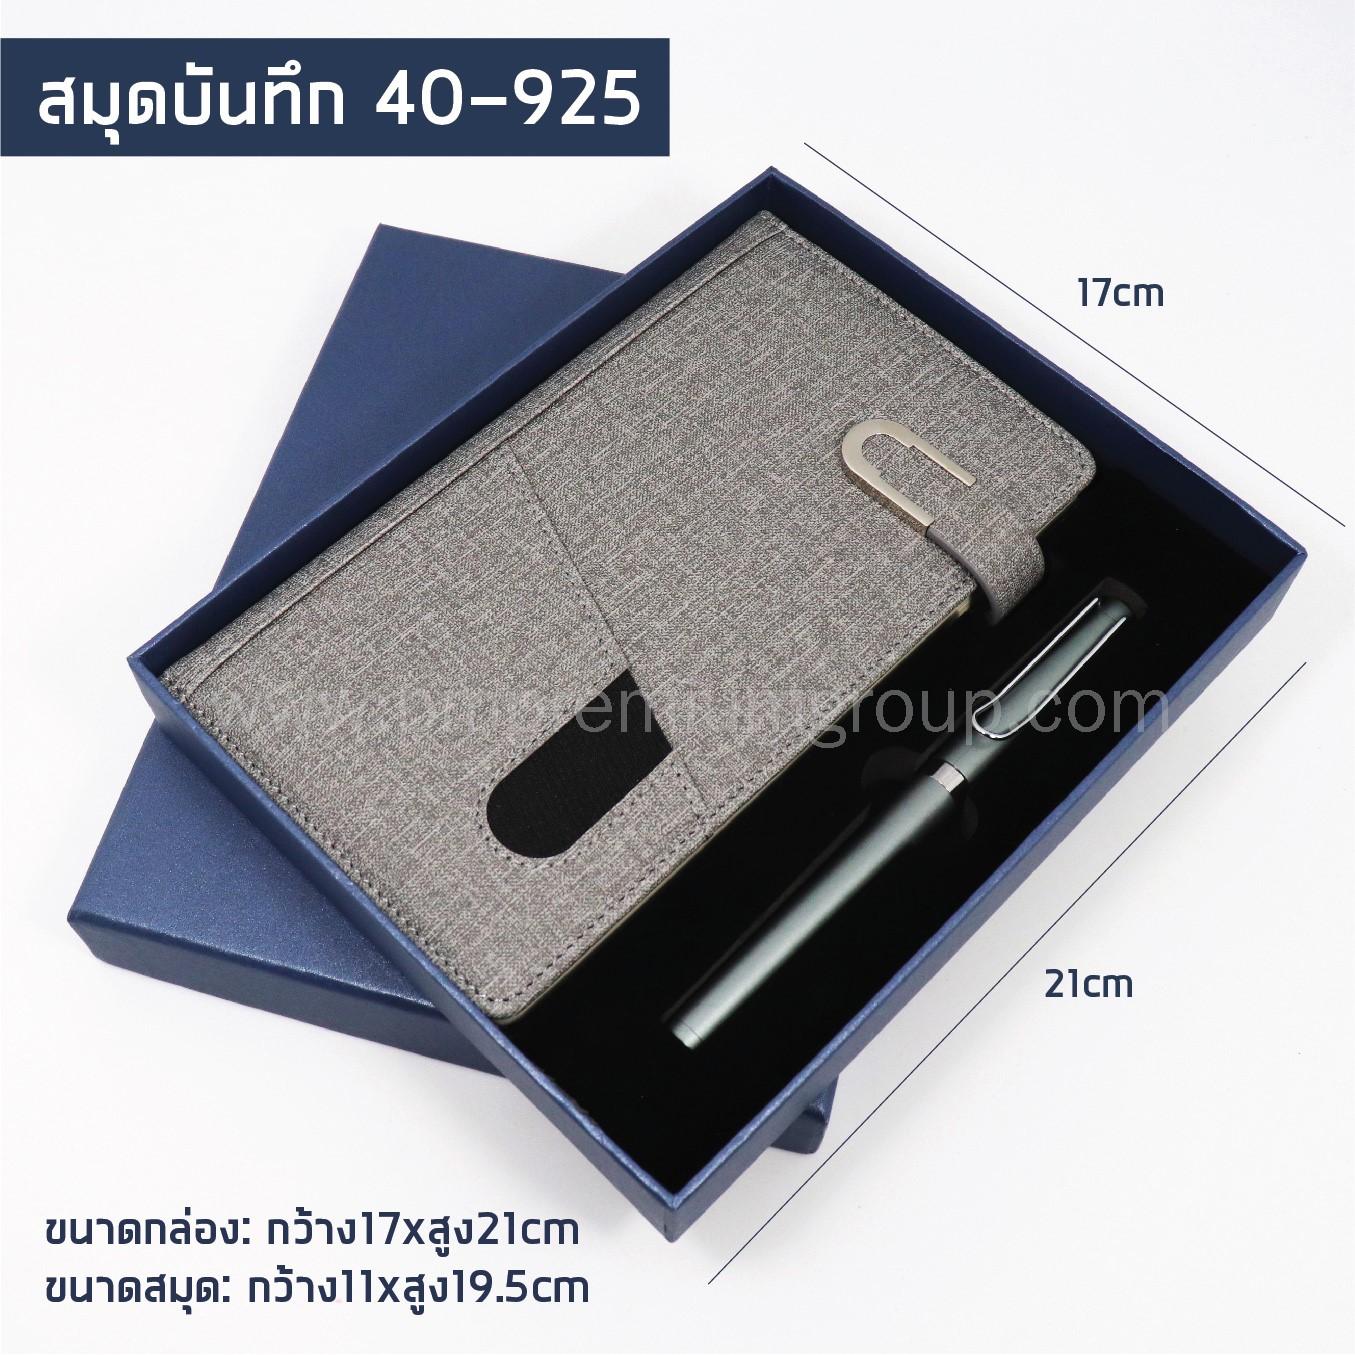 ชุดกิ๊ฟเซทสมุดบันทึกพร้อมปากกา 40-925สีเทาคลาสสิค